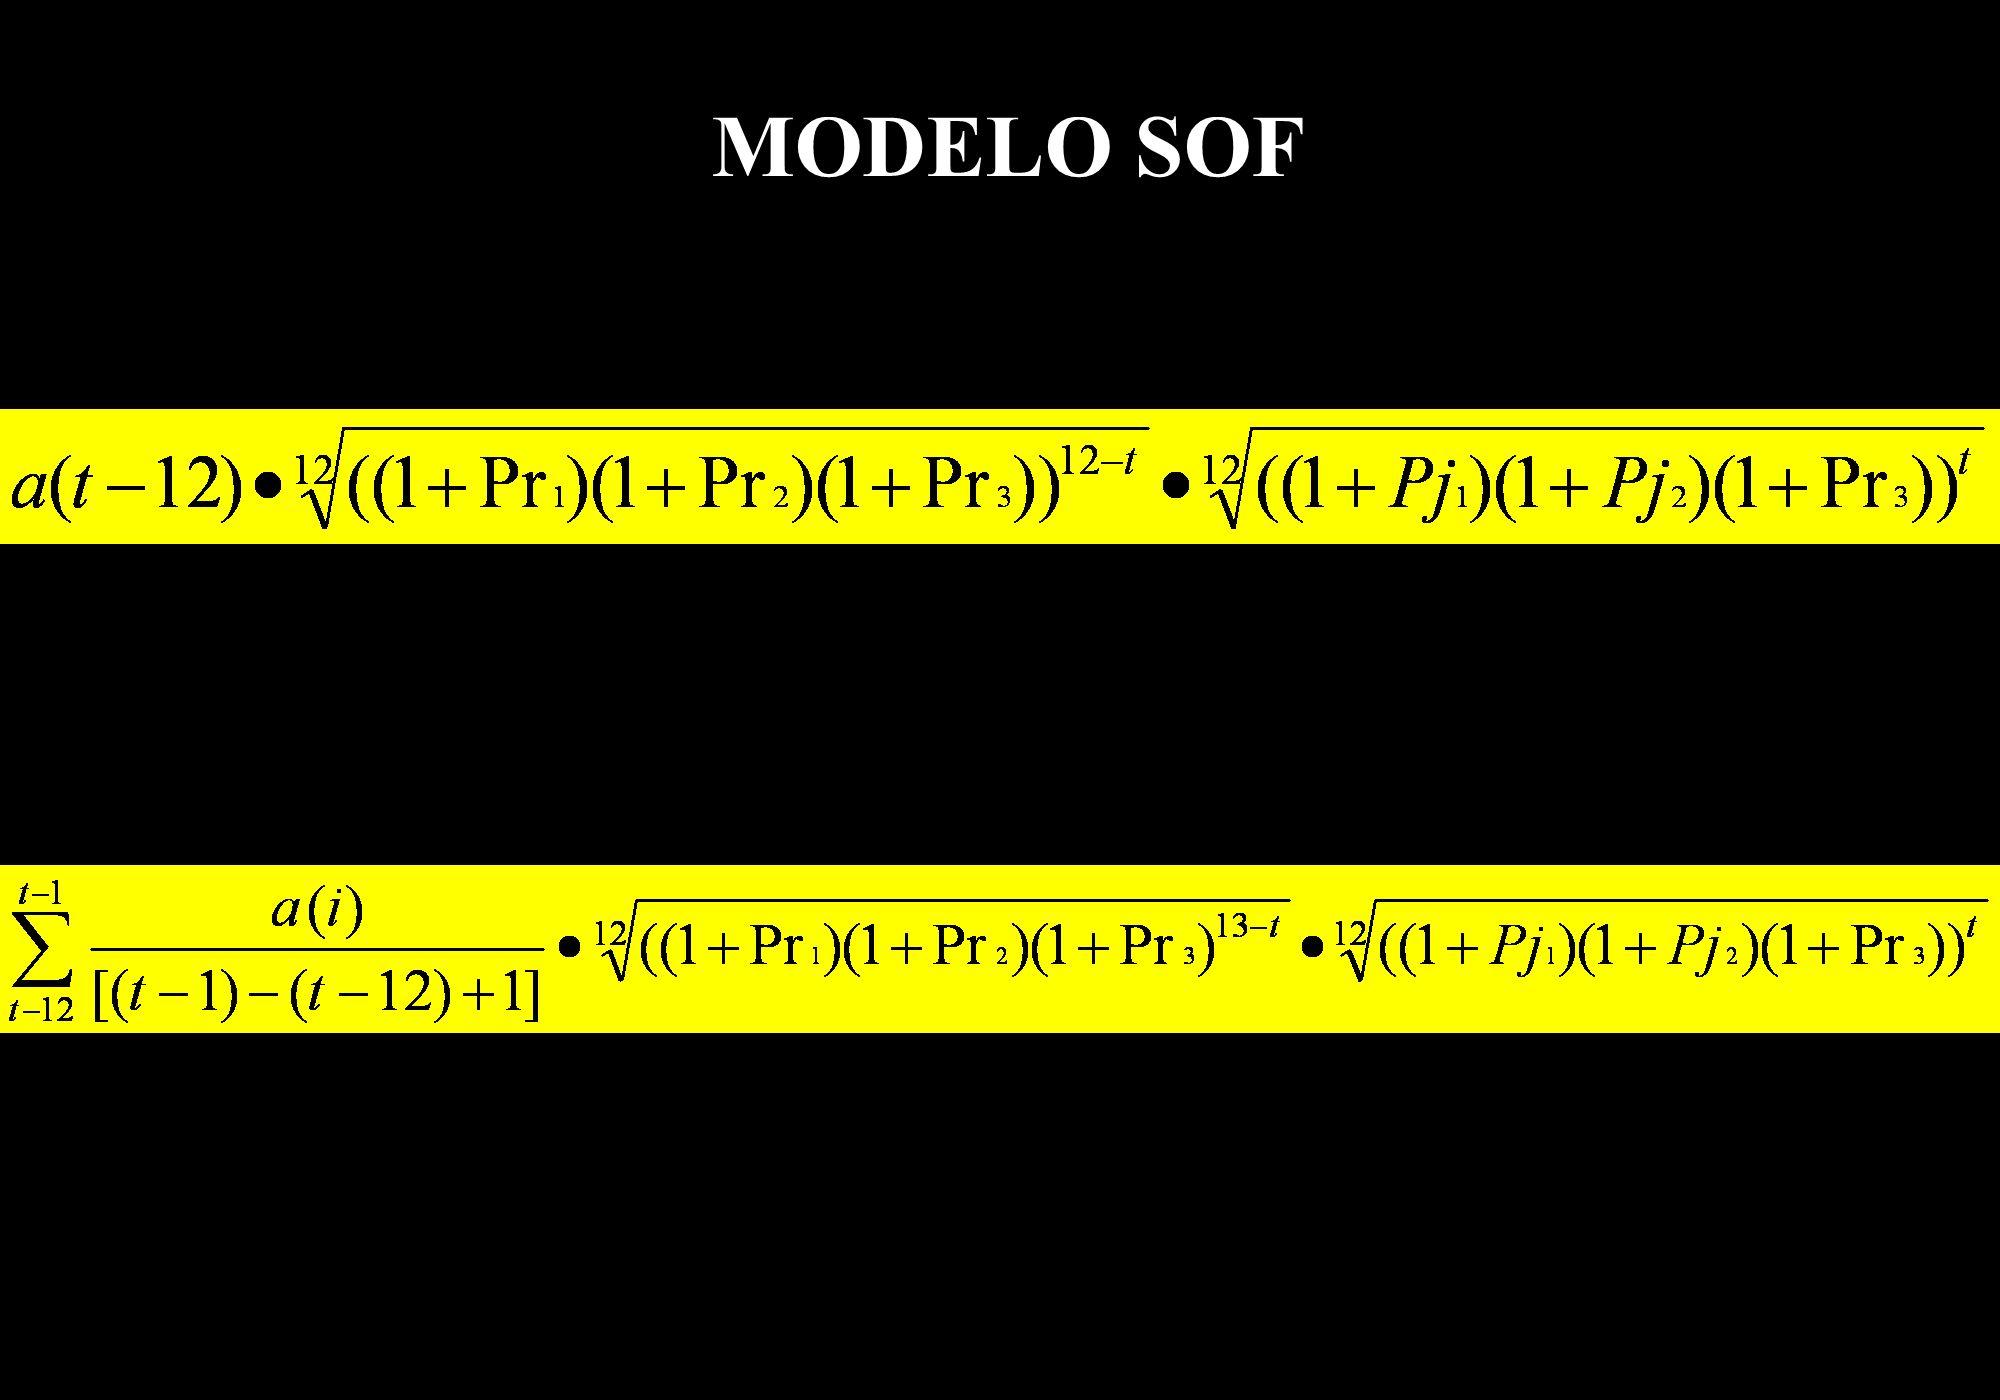 MODELO SOF a = arrecadação de um período considerado t = mês atual